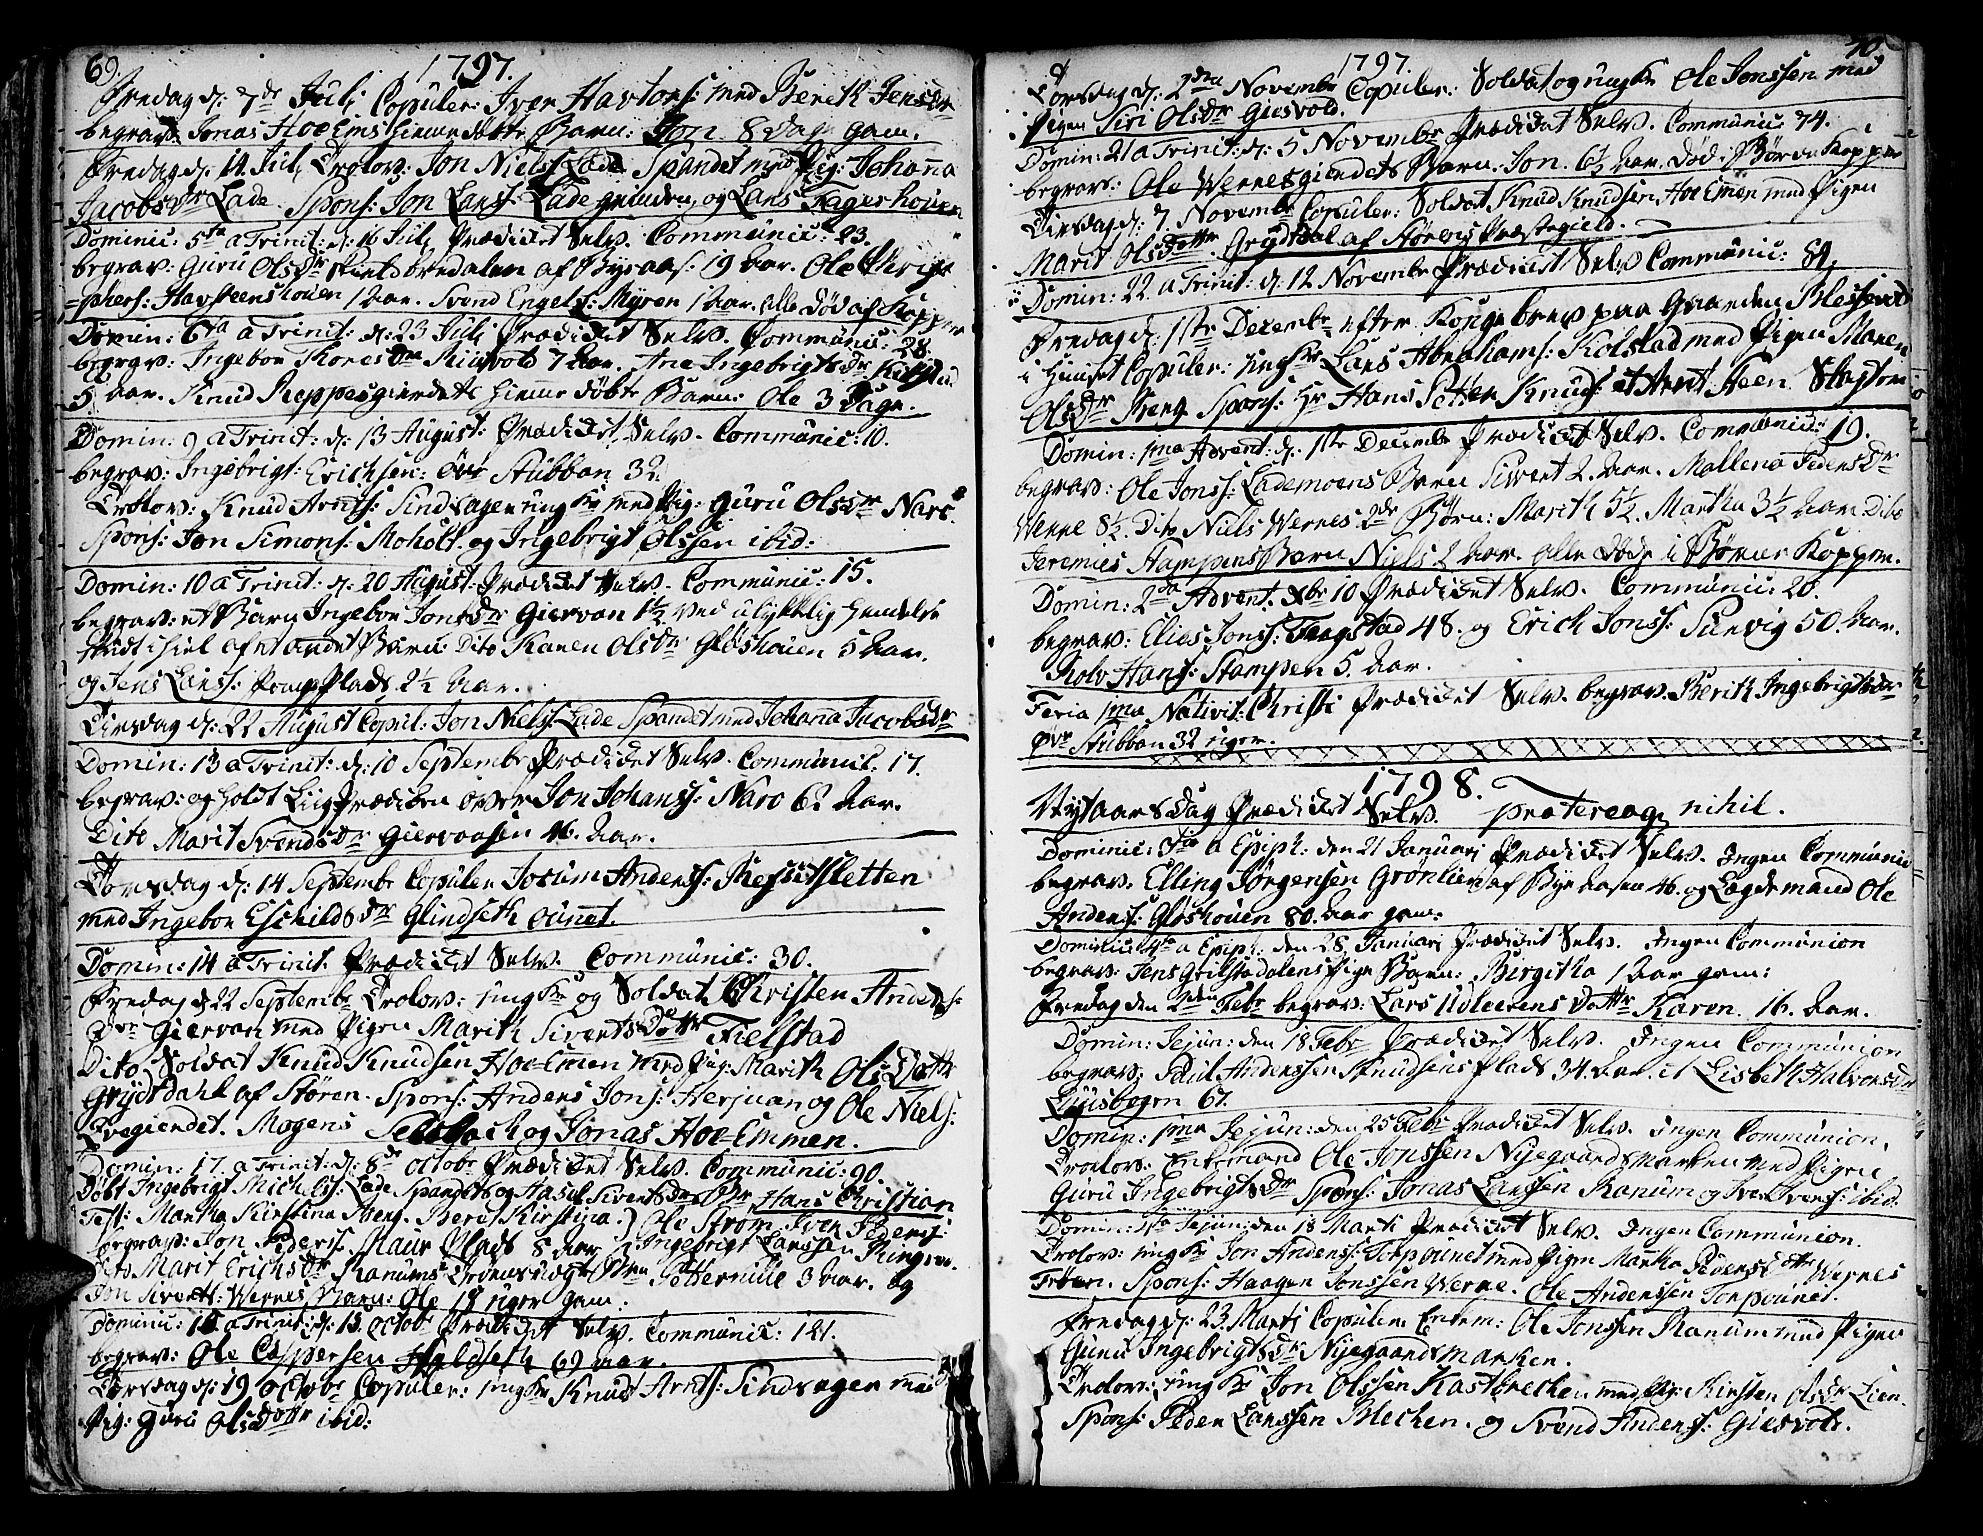 SAT, Ministerialprotokoller, klokkerbøker og fødselsregistre - Sør-Trøndelag, 606/L0280: Ministerialbok nr. 606A02 /1, 1781-1817, s. 69-70